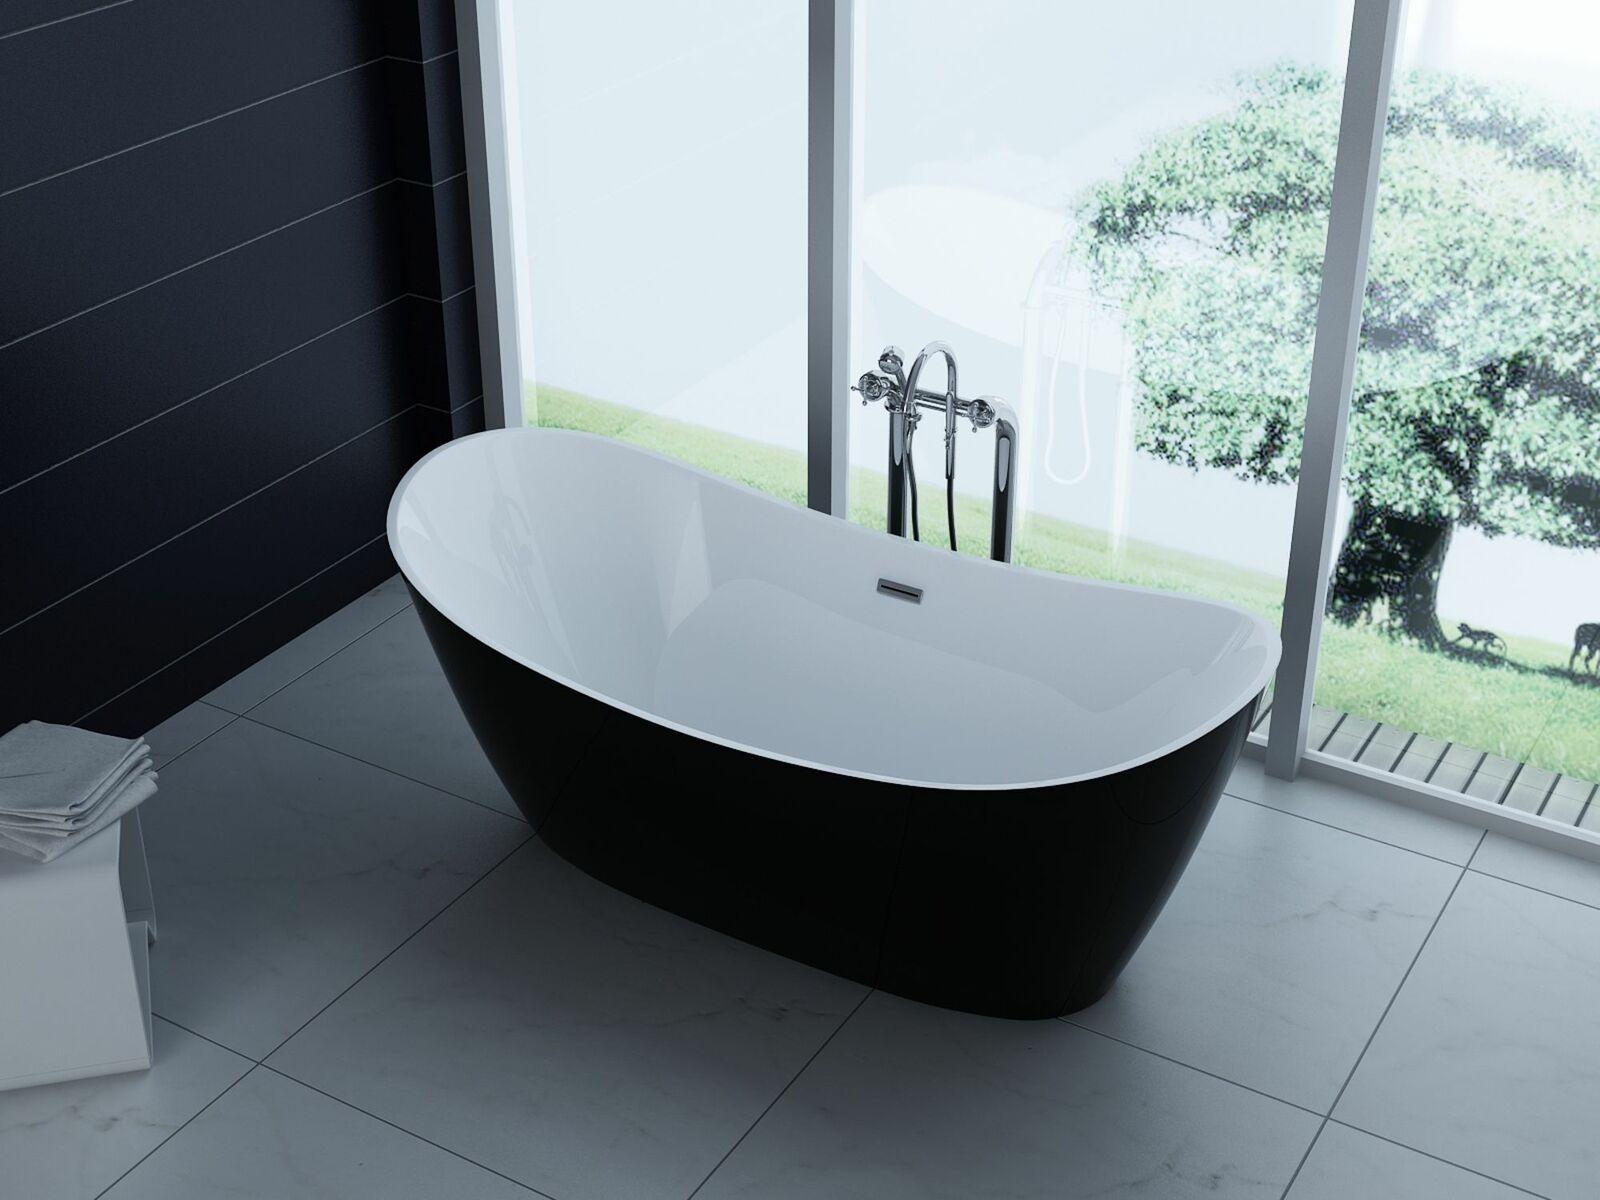 Luxus Freistehende Badewanne 170x80 Acrylwanne Inkl Ablauf Uberlauf Aktion In 2020 Freistehende Badewanne Badewanne Neues Badezimmer